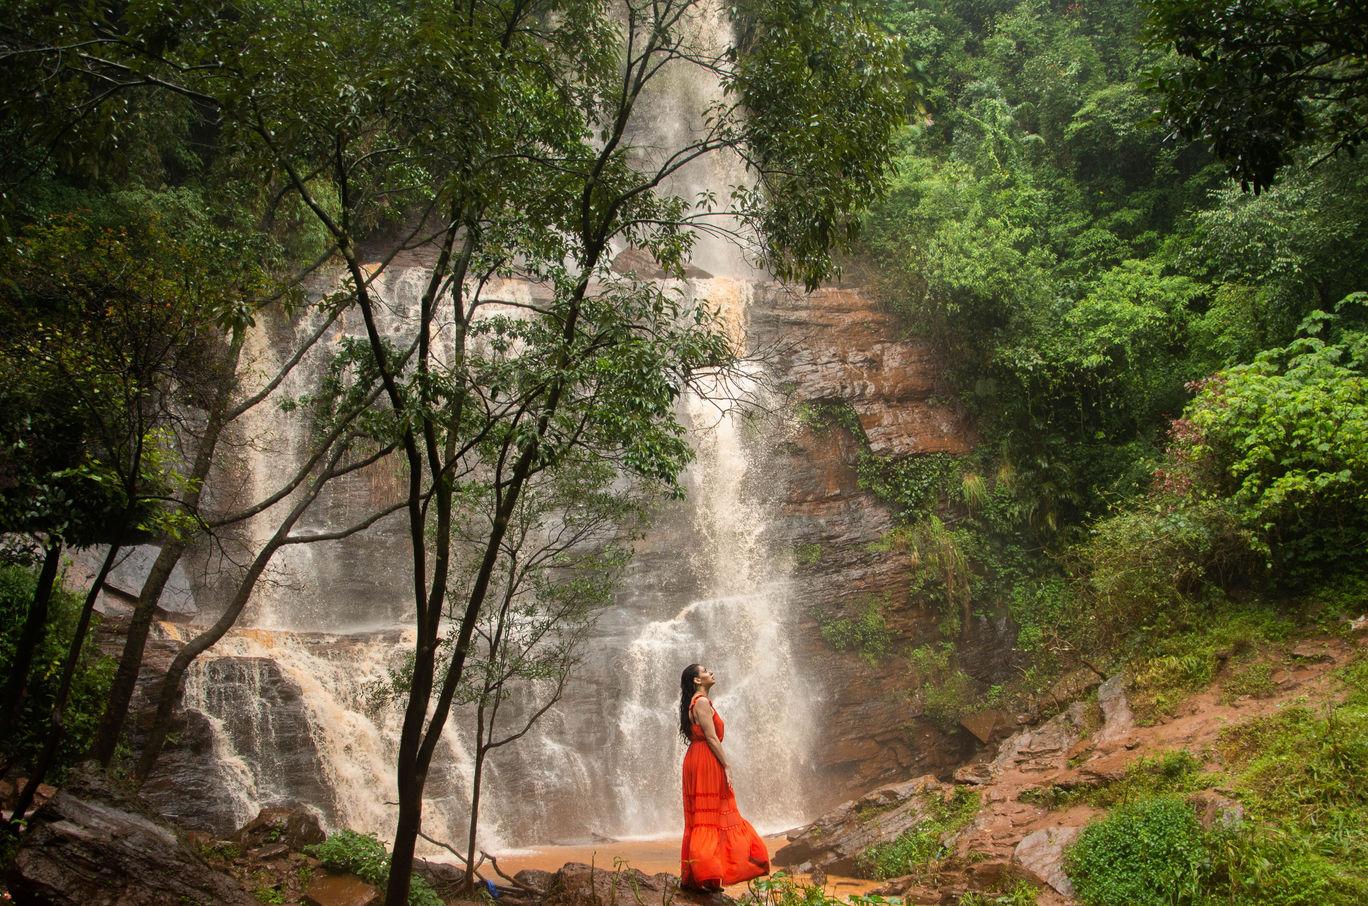 Photo of Jhari Waterfall By Neha Singh